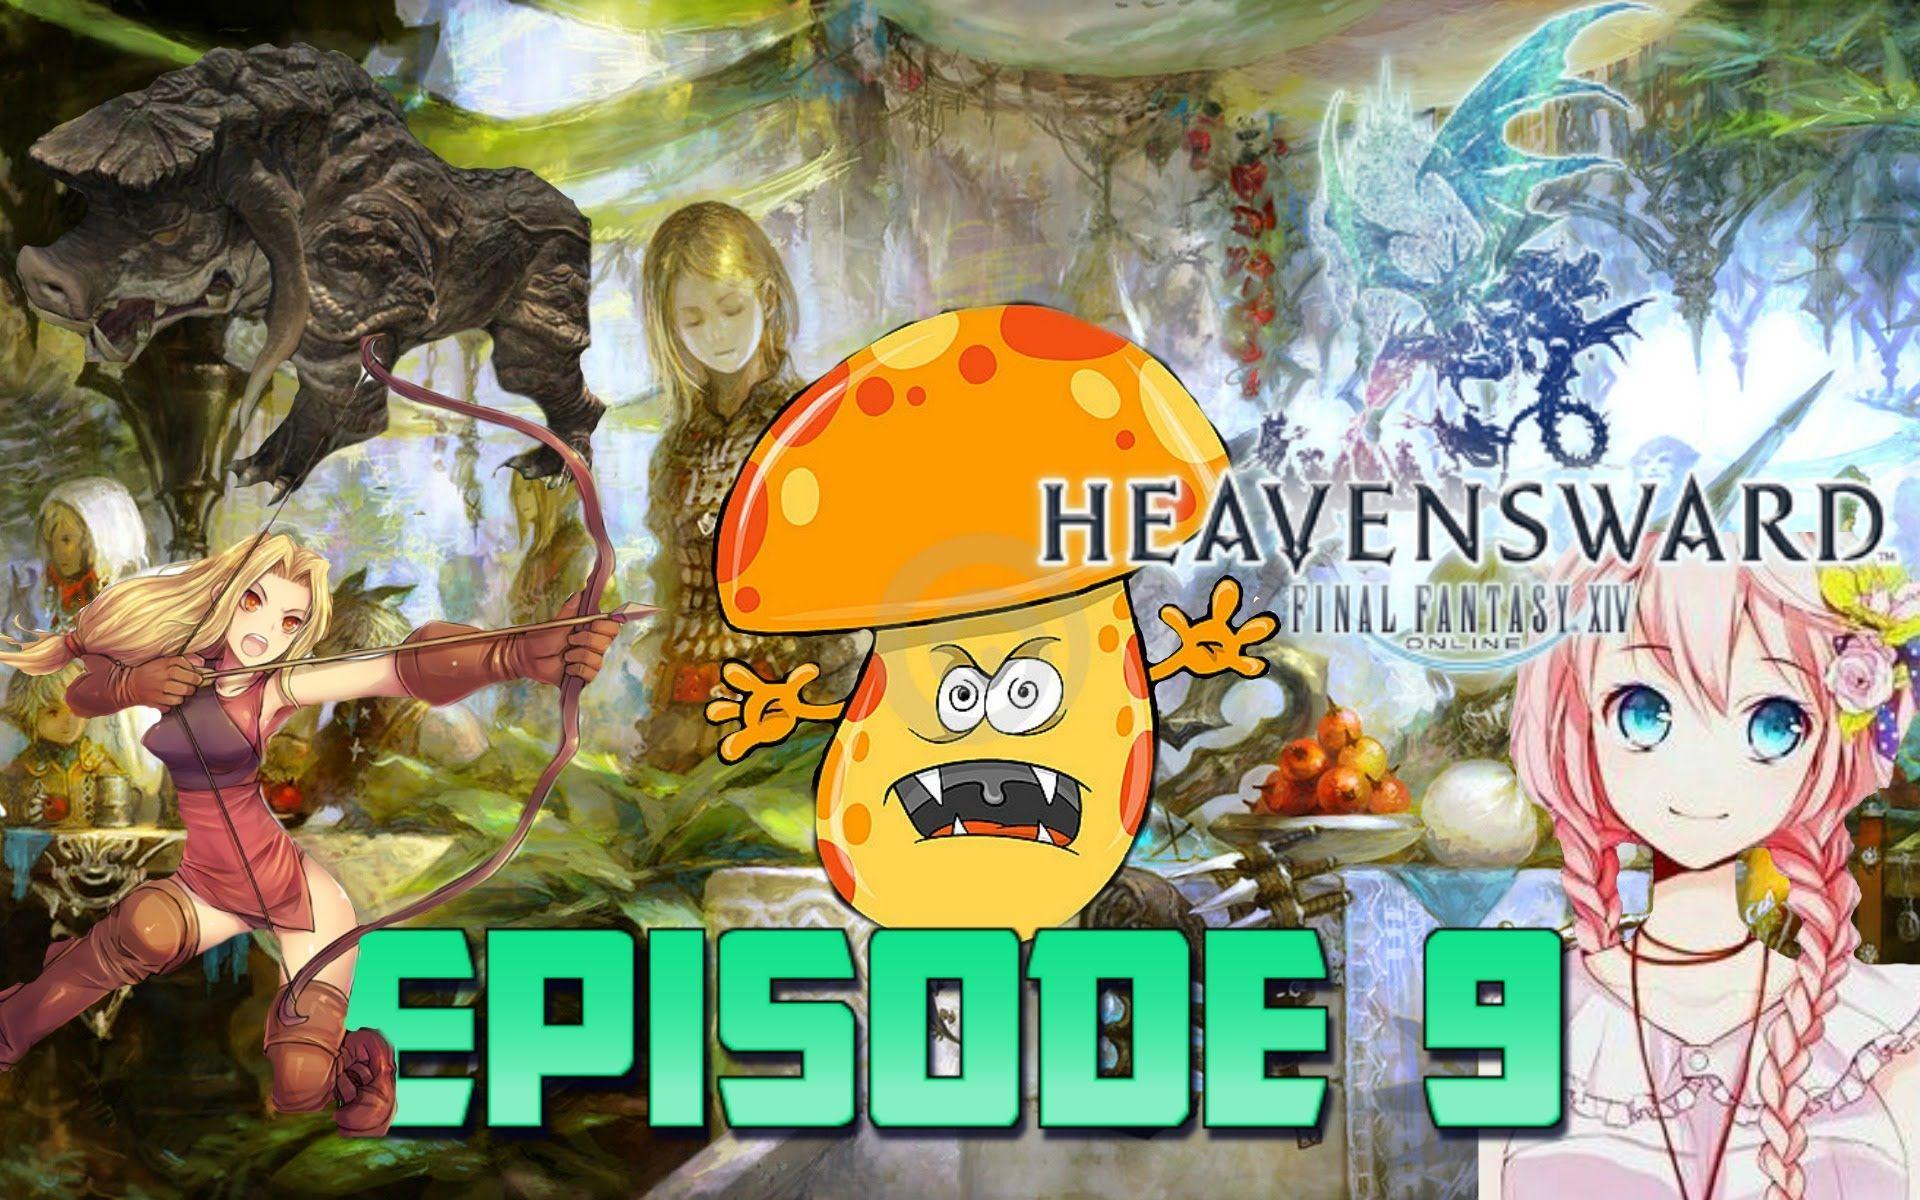 Treacherous Mushrooms! Final fantasy 14 Heavensward